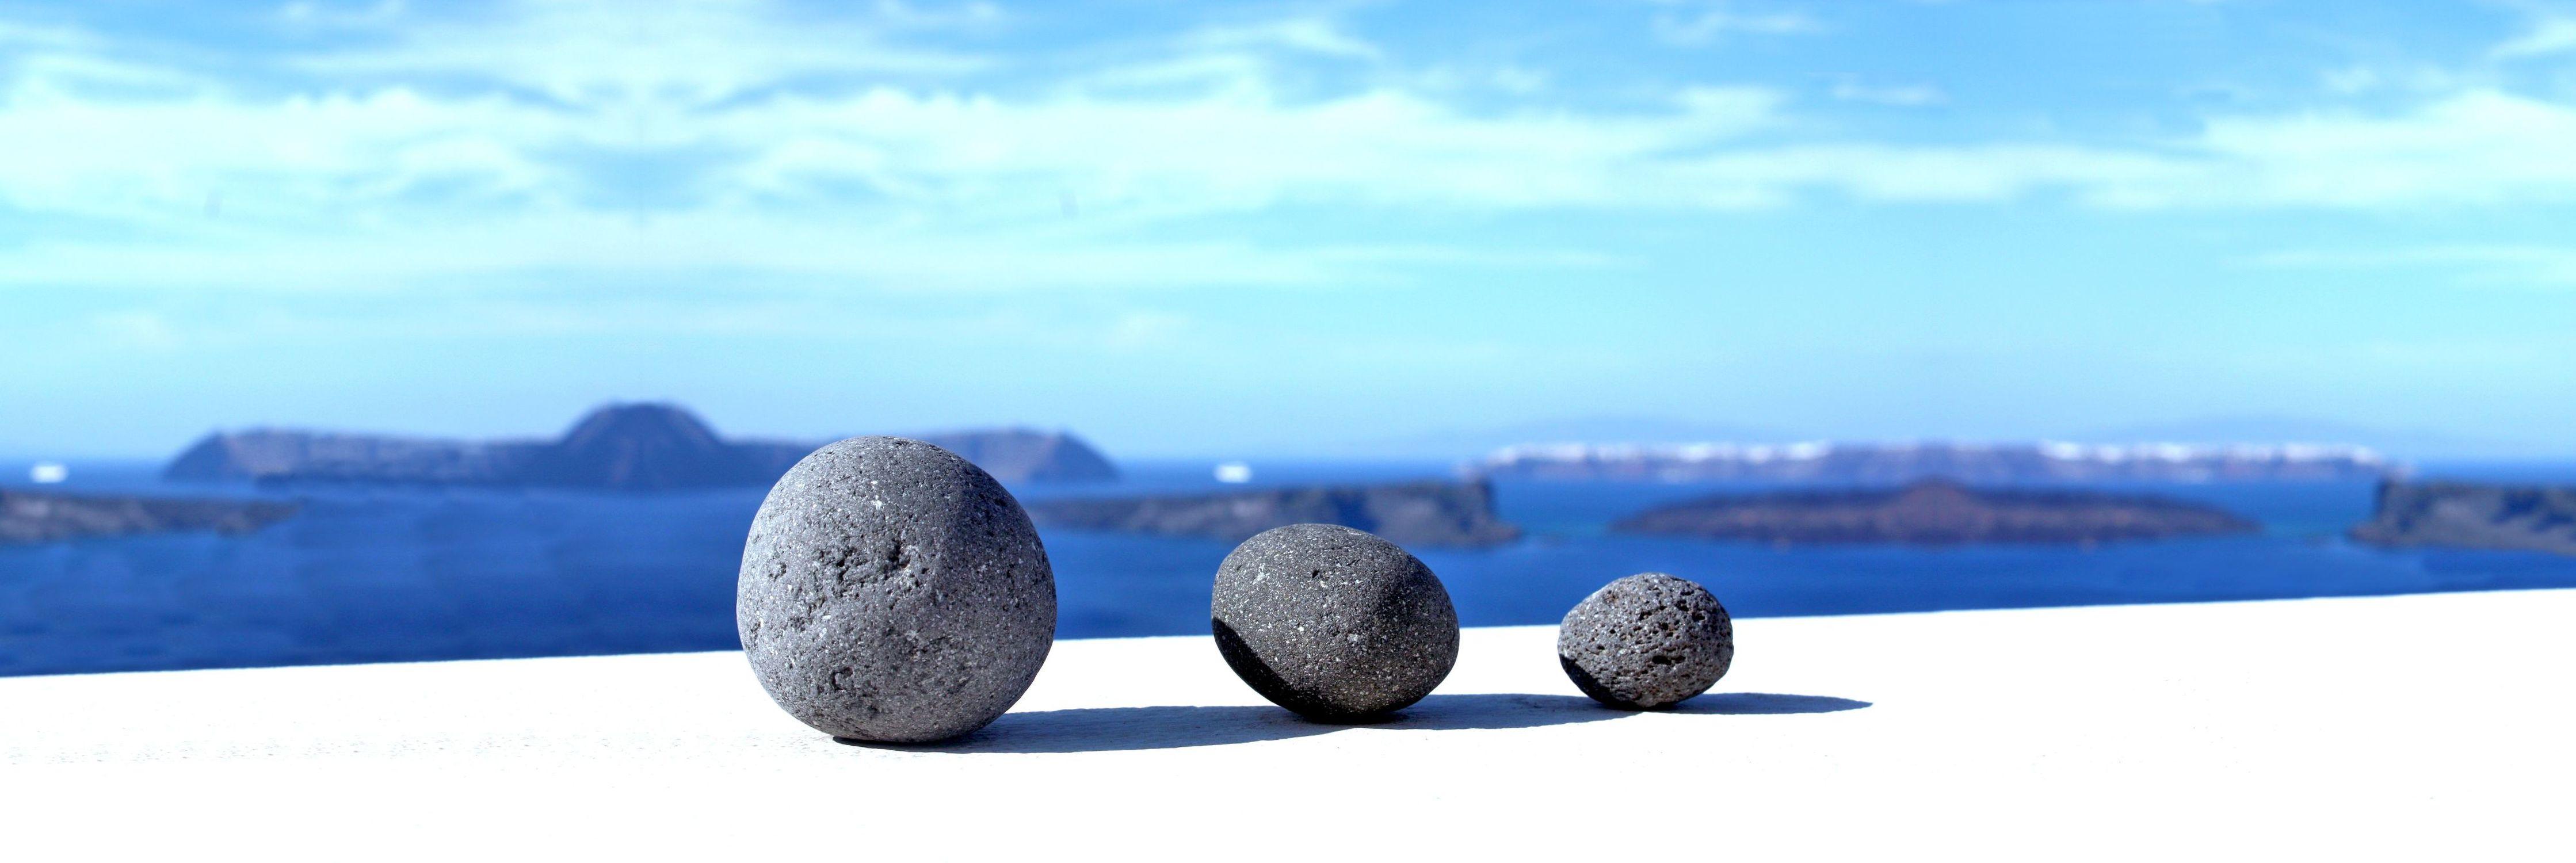 Bild mit Natur, Elemente, Wasser, Landschaften, Himmel, Felsen, Steine, Santorini